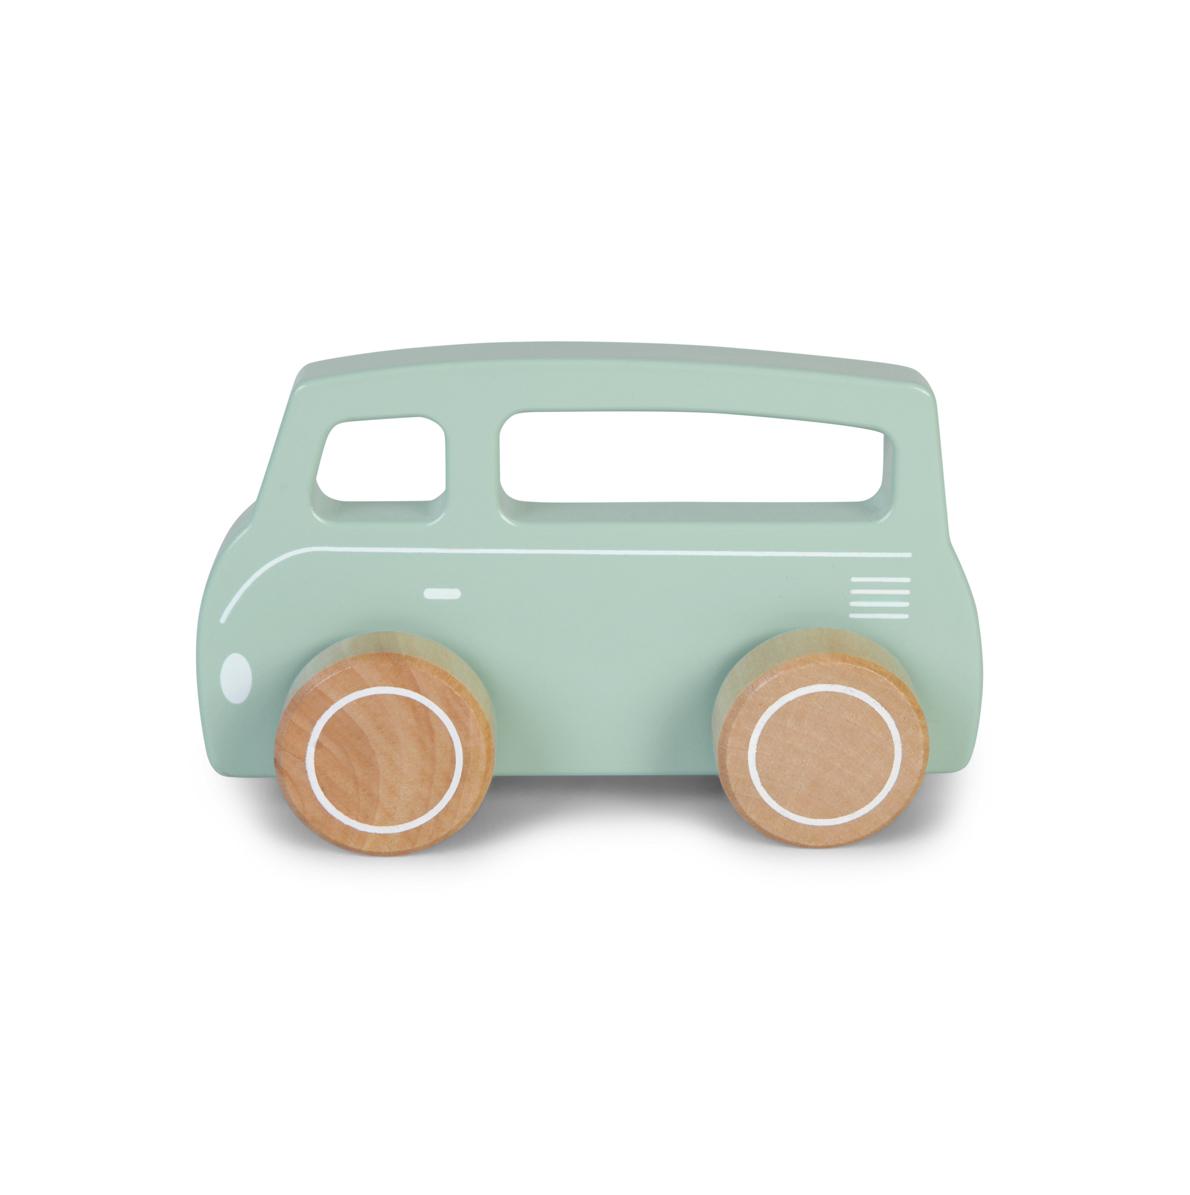 coche-van-madera-little-dutch-el-mundo-de-mico